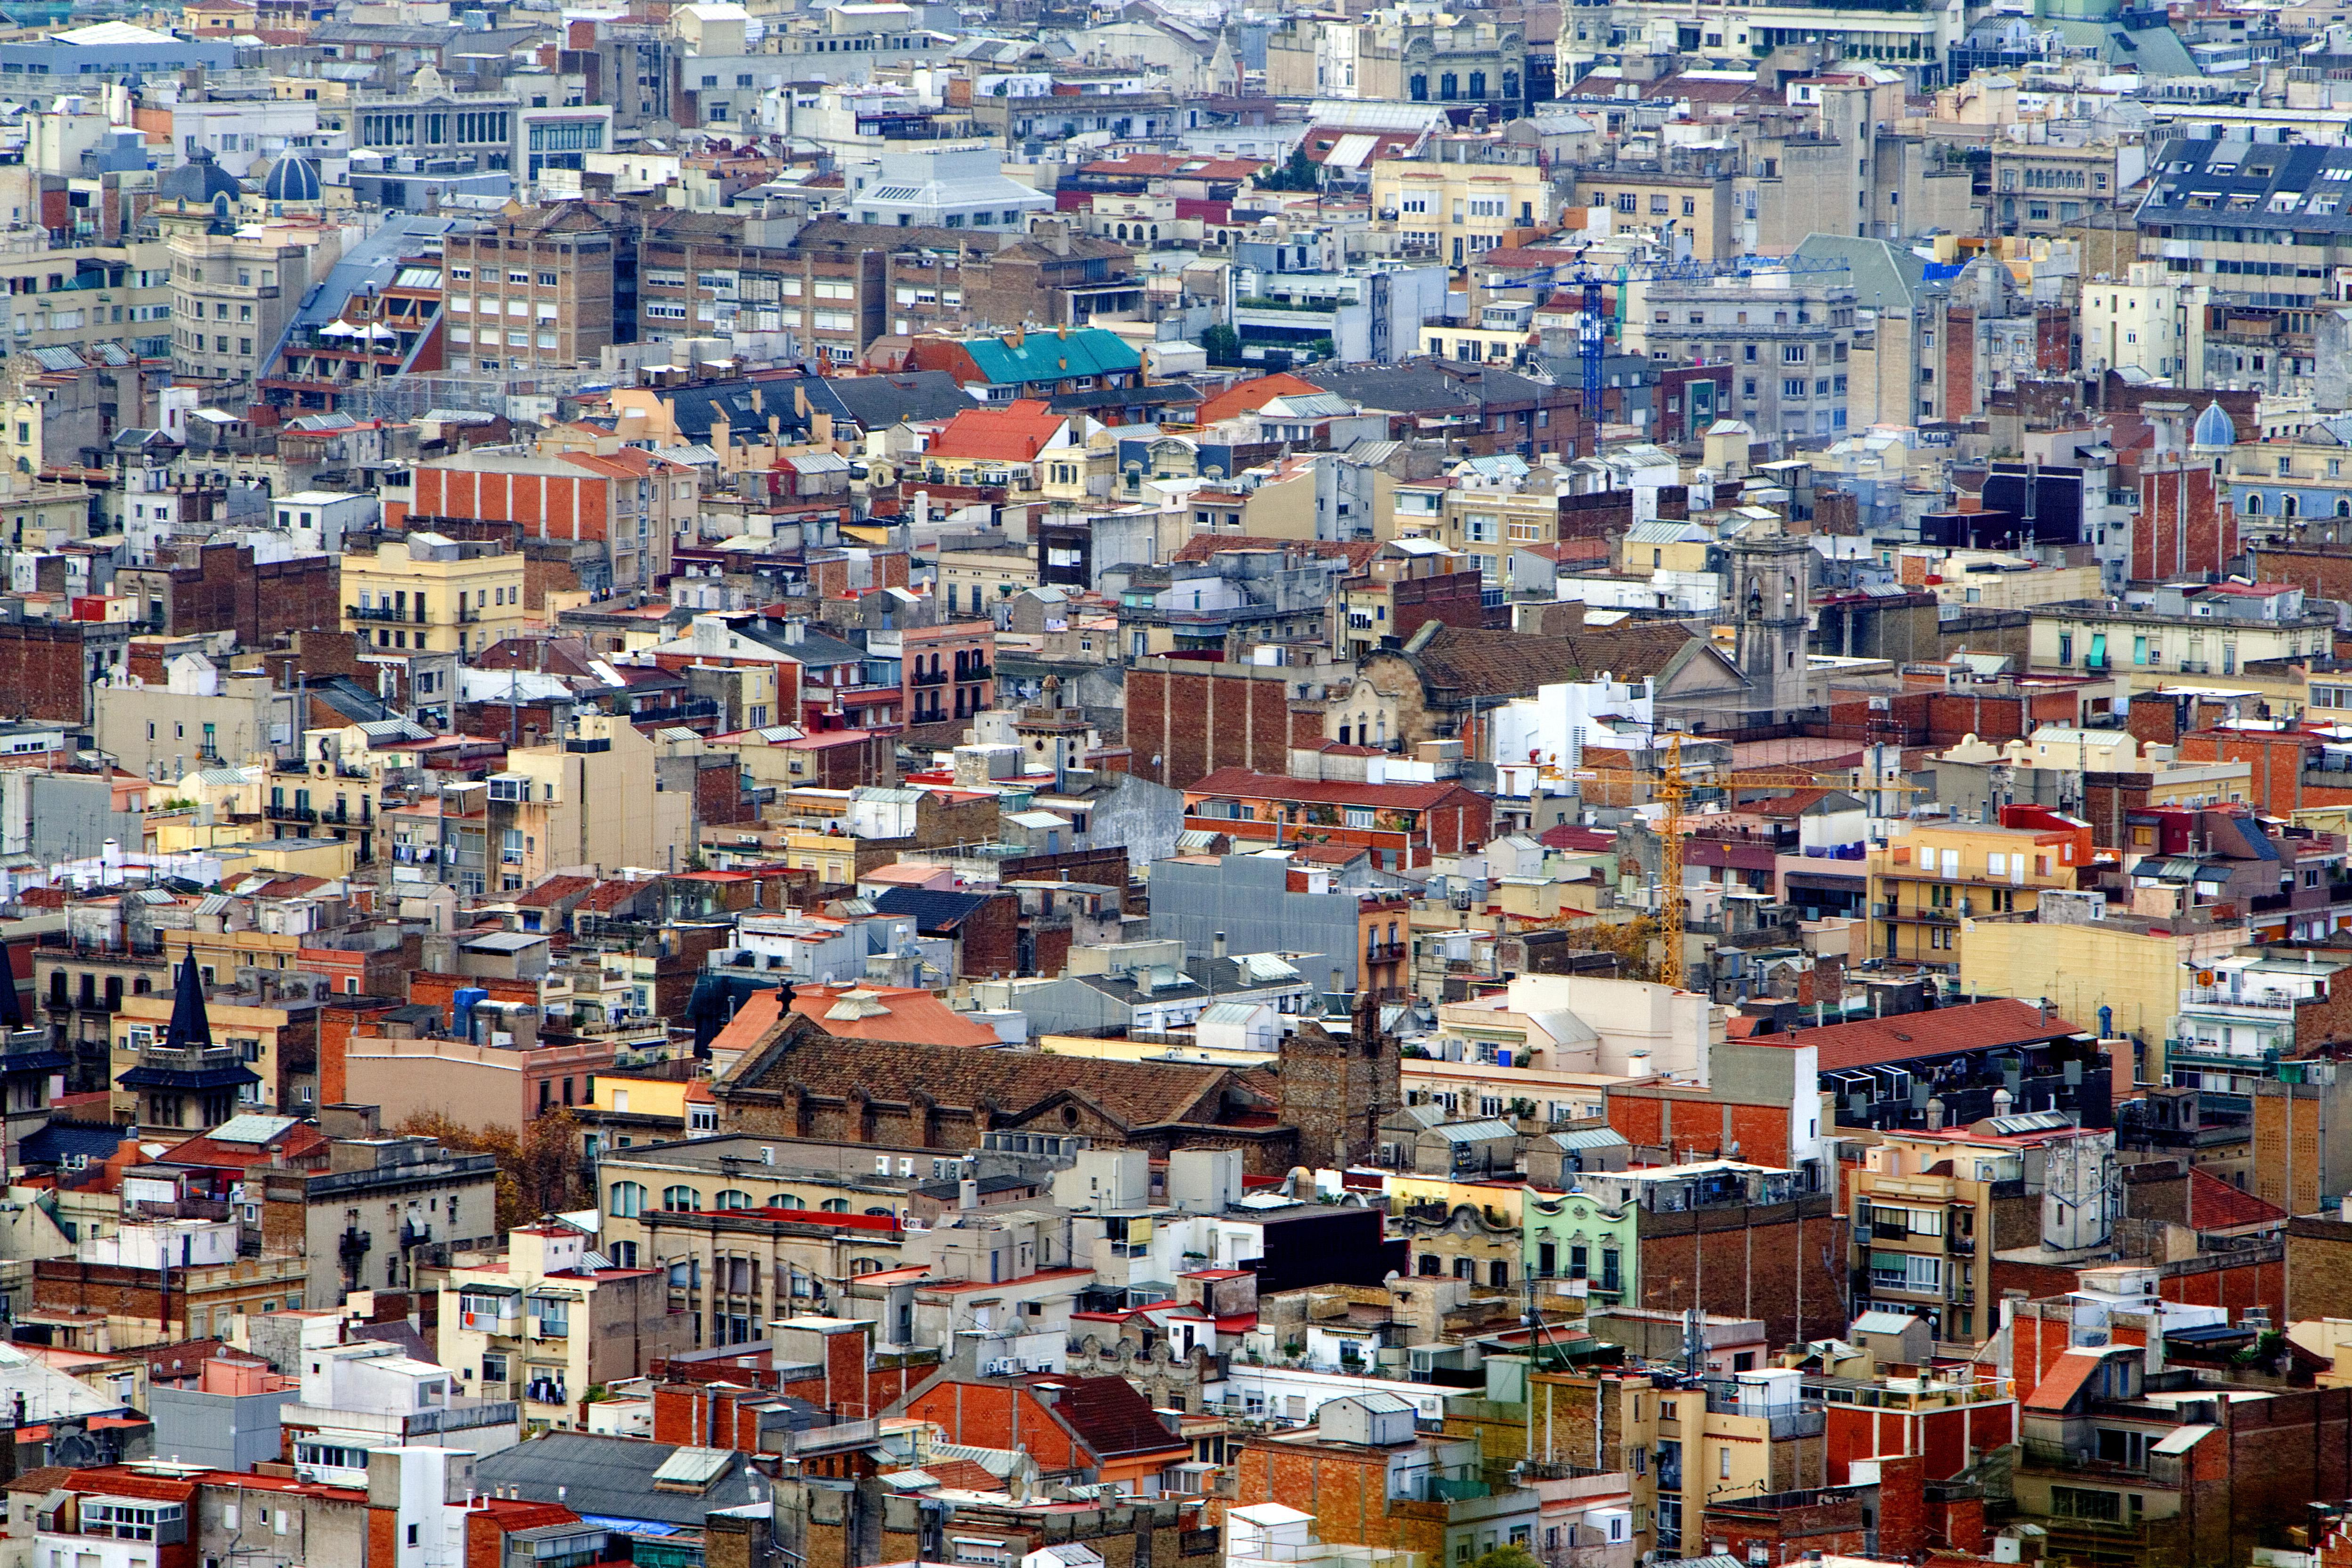 Casas en la ciudad de Barcelona